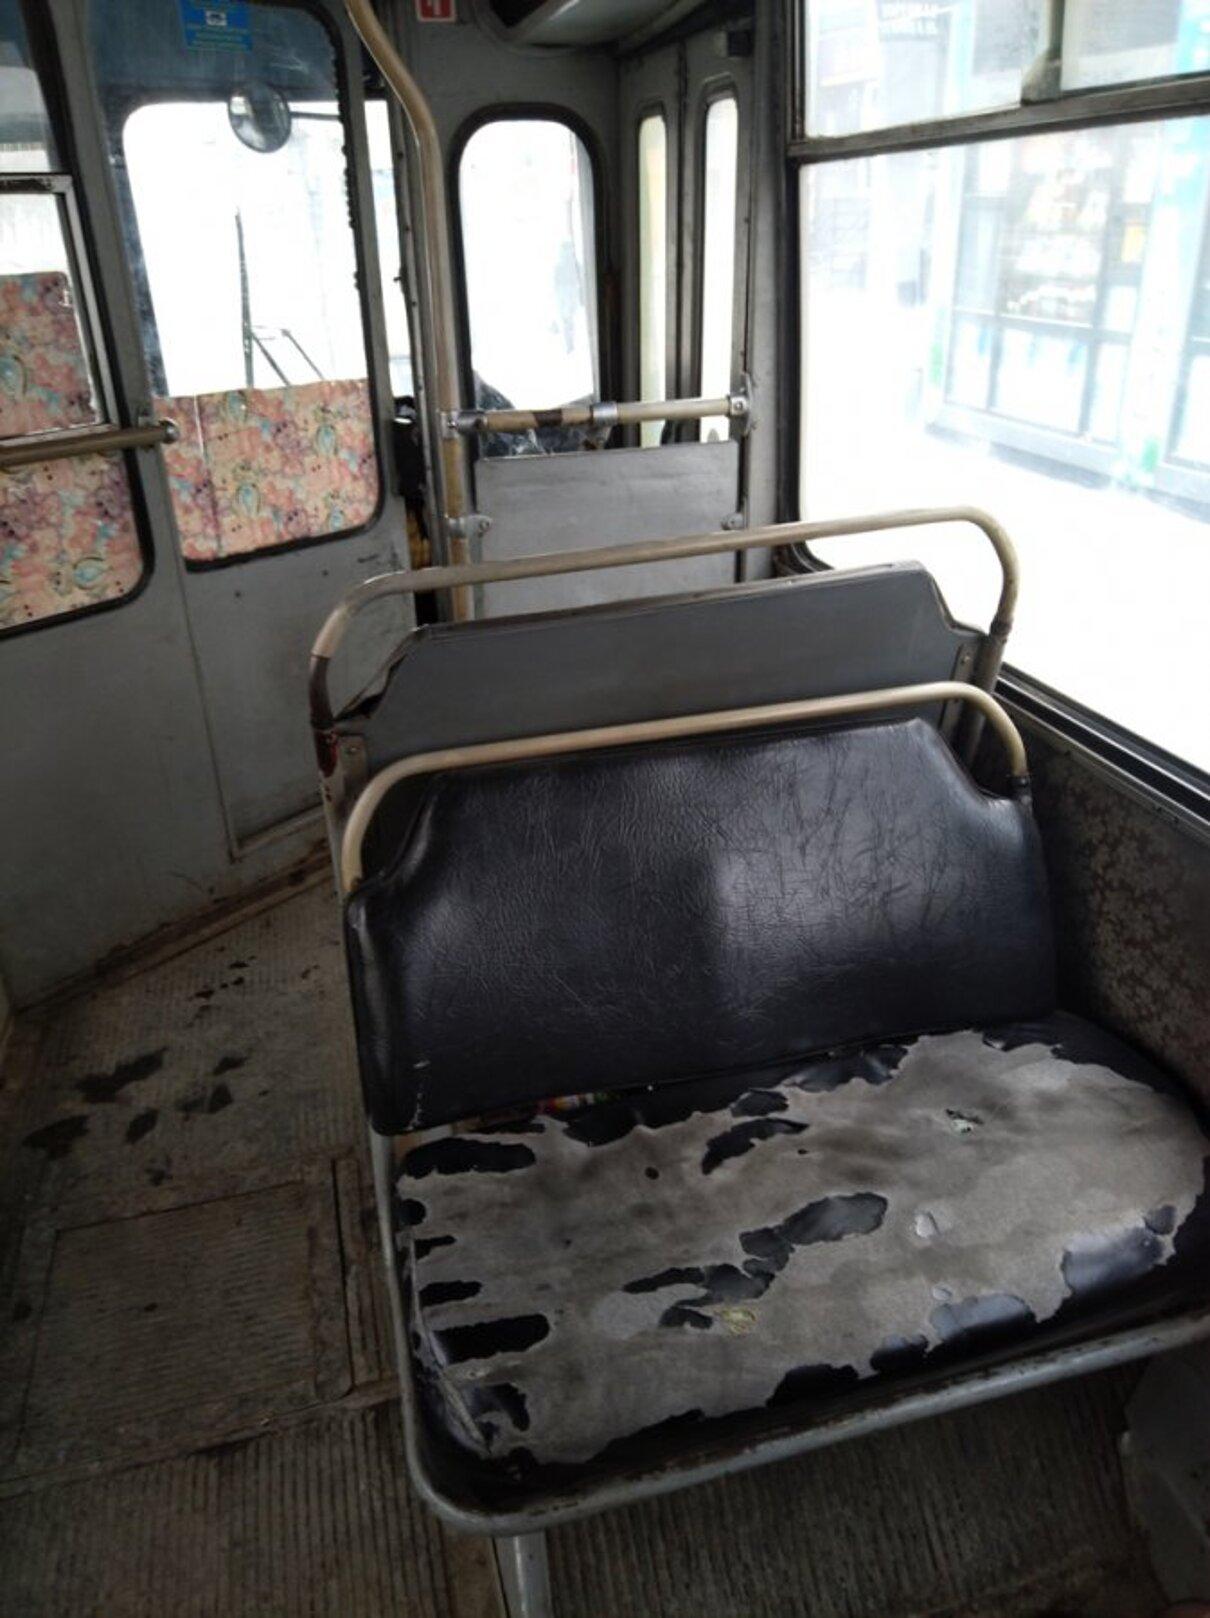 Жалоба-отзыв: Городские власти Новосибирска - Позор города - парк тролейбусов.  Фото №1